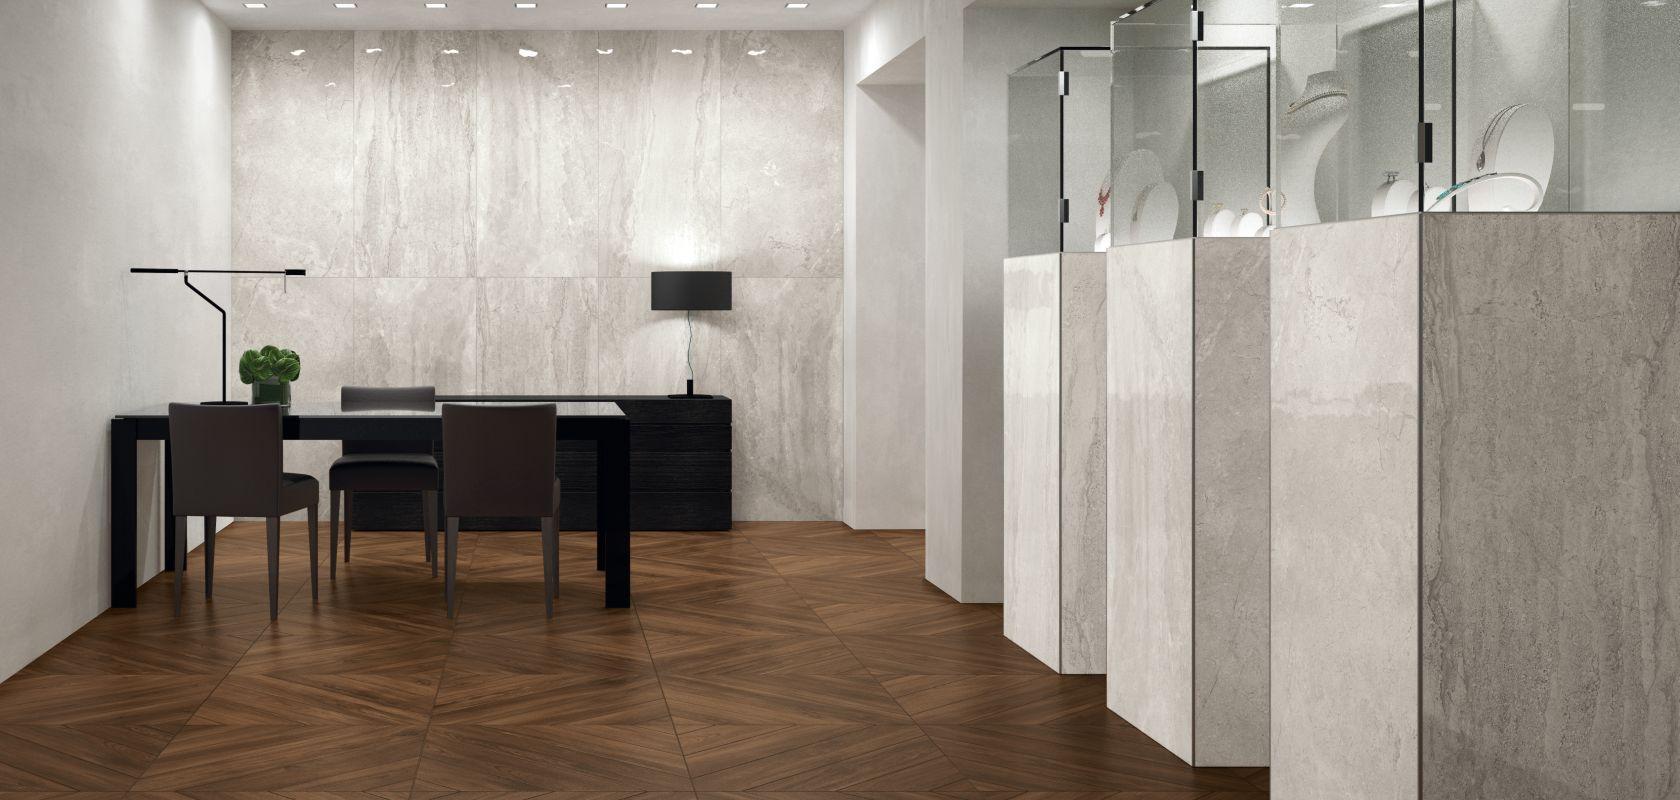 Scegli pavimenti Supergres da Cirelli arredo bagno